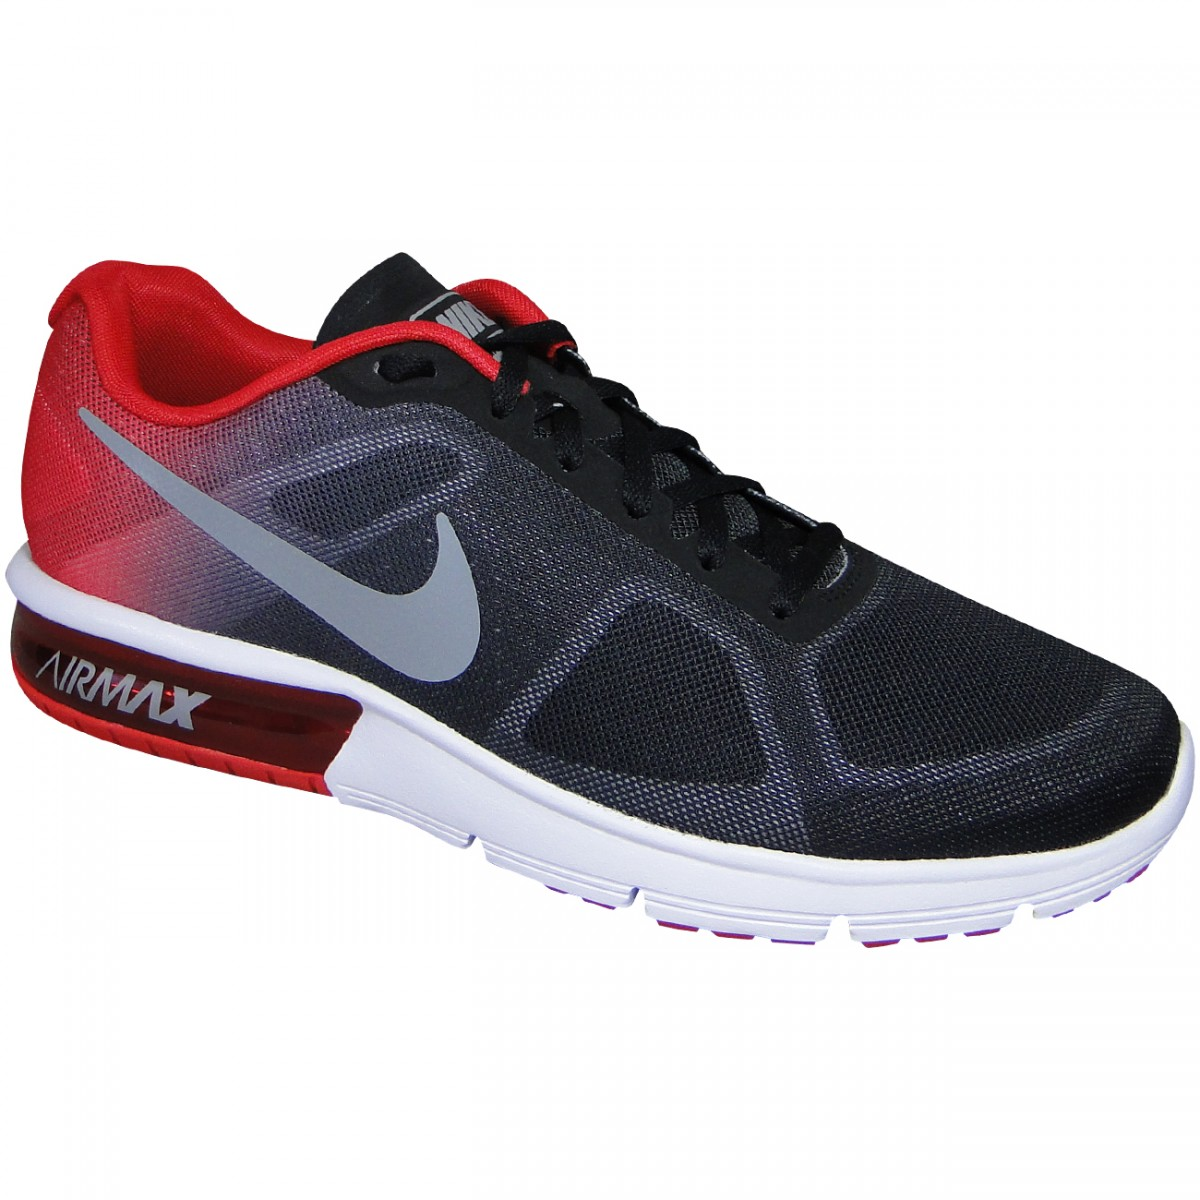 e6418296480b7 Tenis Nike Air Max Sequent 719912 008 - Preto/Vermelho/Cinza - Chuteira Nike,  Adidas. Sandalias Femininas. Sandy Calçados